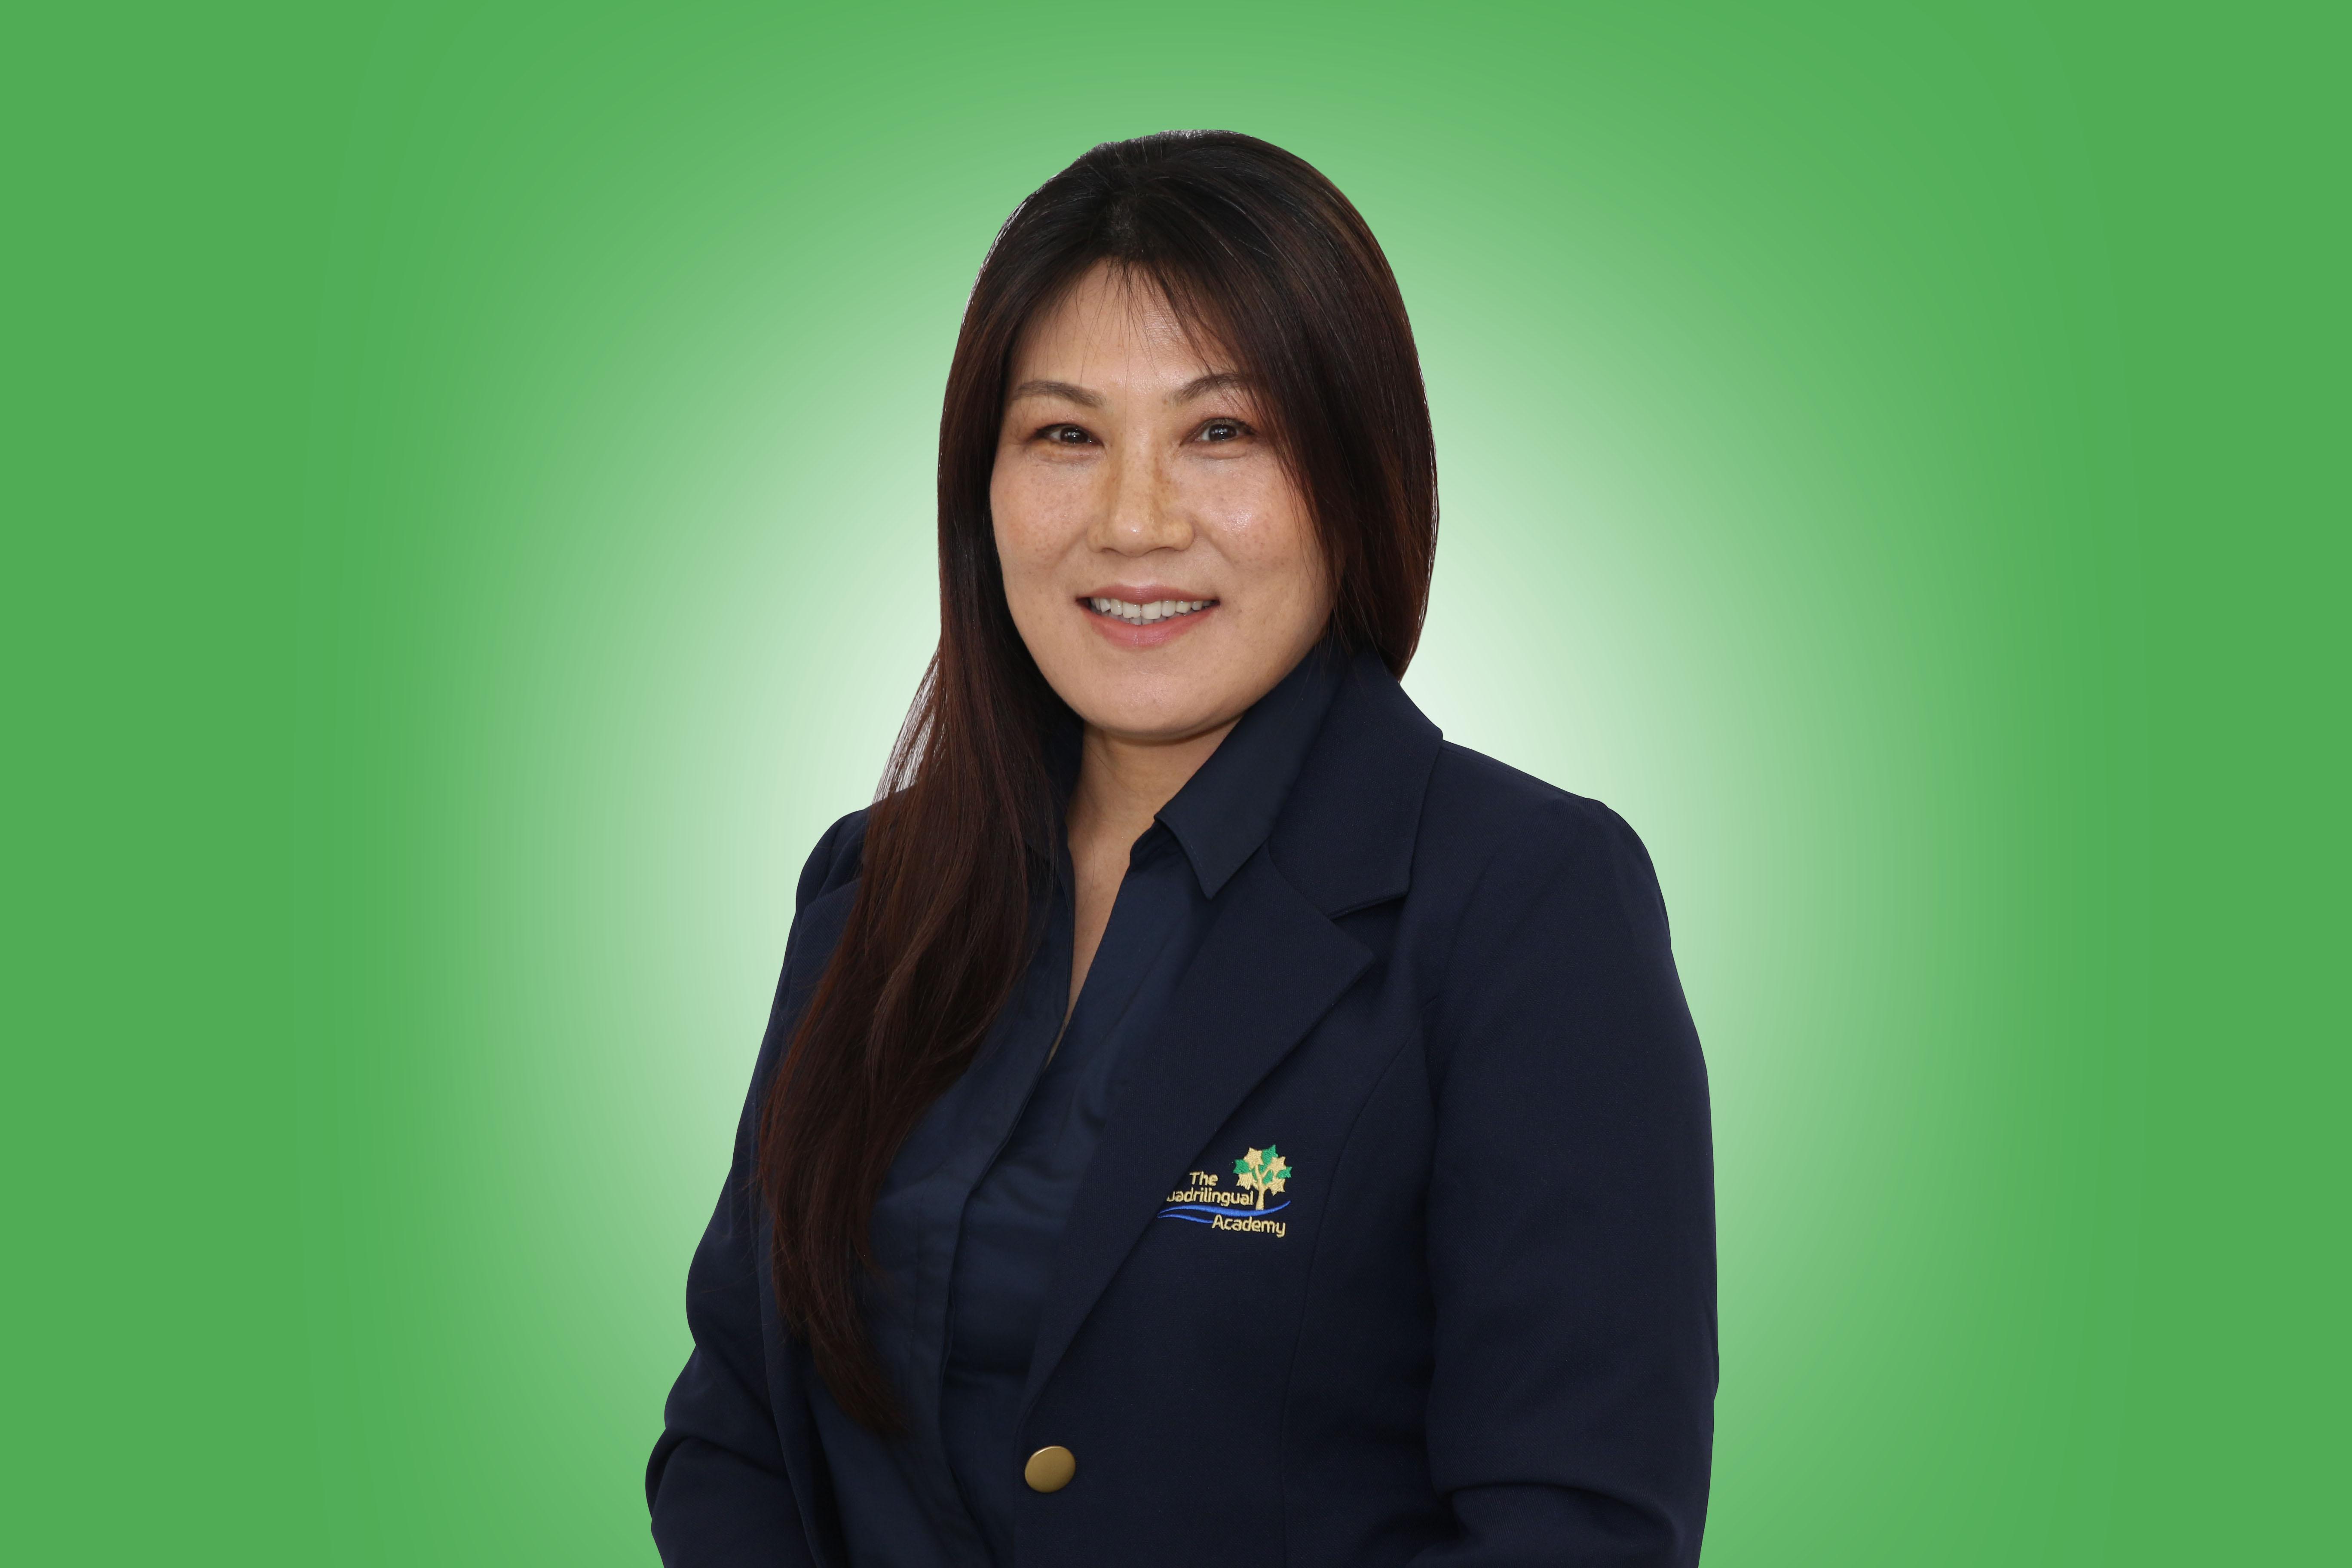 Jing Gao